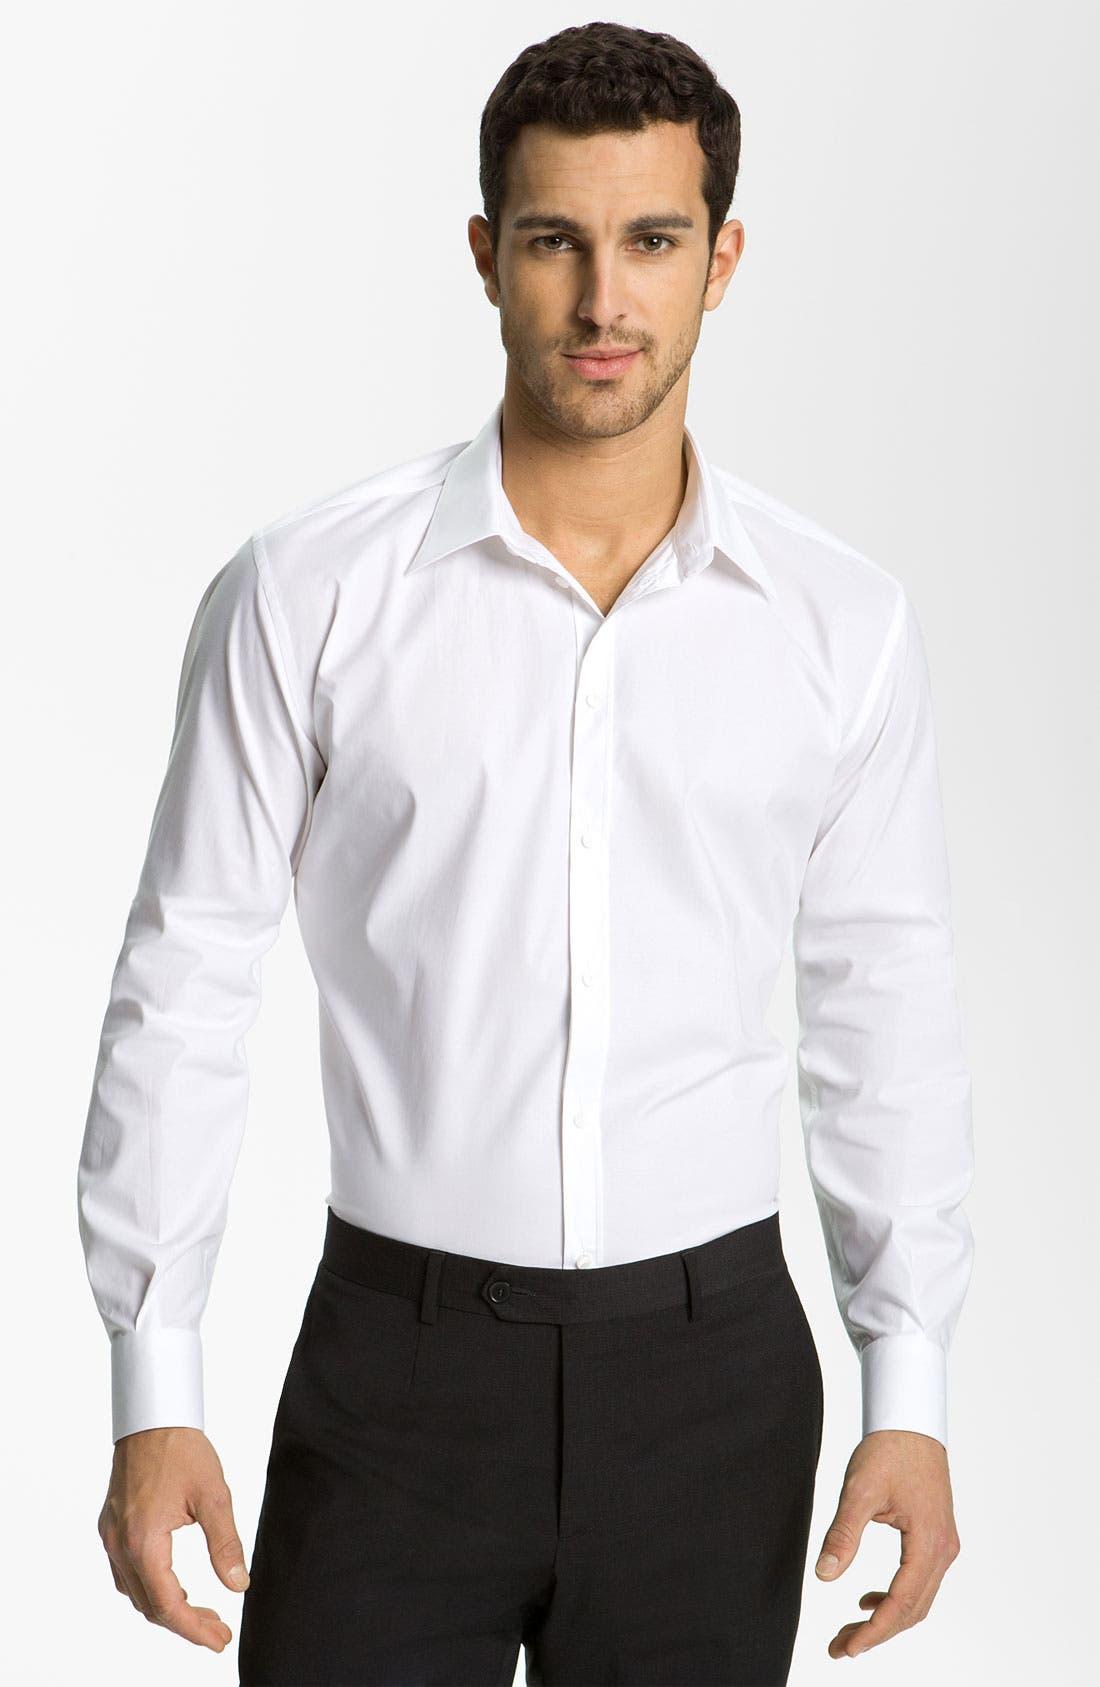 Main Image - Dolce&Gabbana 'Martini' Dress Shirt